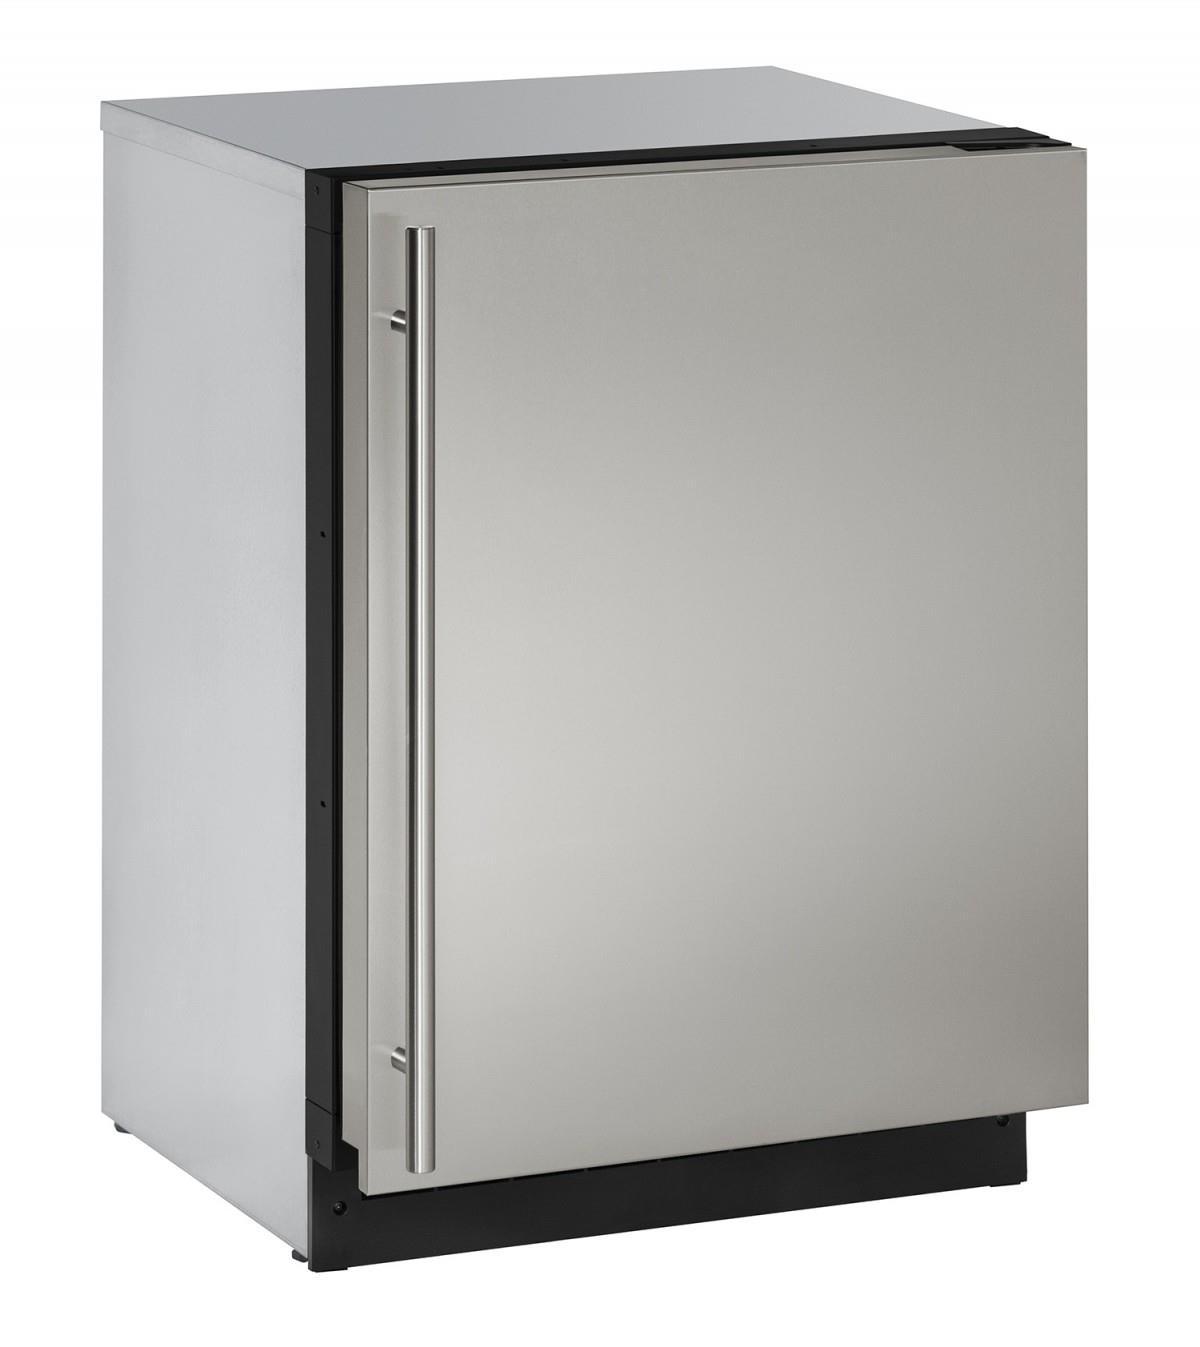 U-Line Refrigerators 4.9 Cu. Ft. 2000 Series Compact Refrigerator - Item Number: U-2224RS-01A